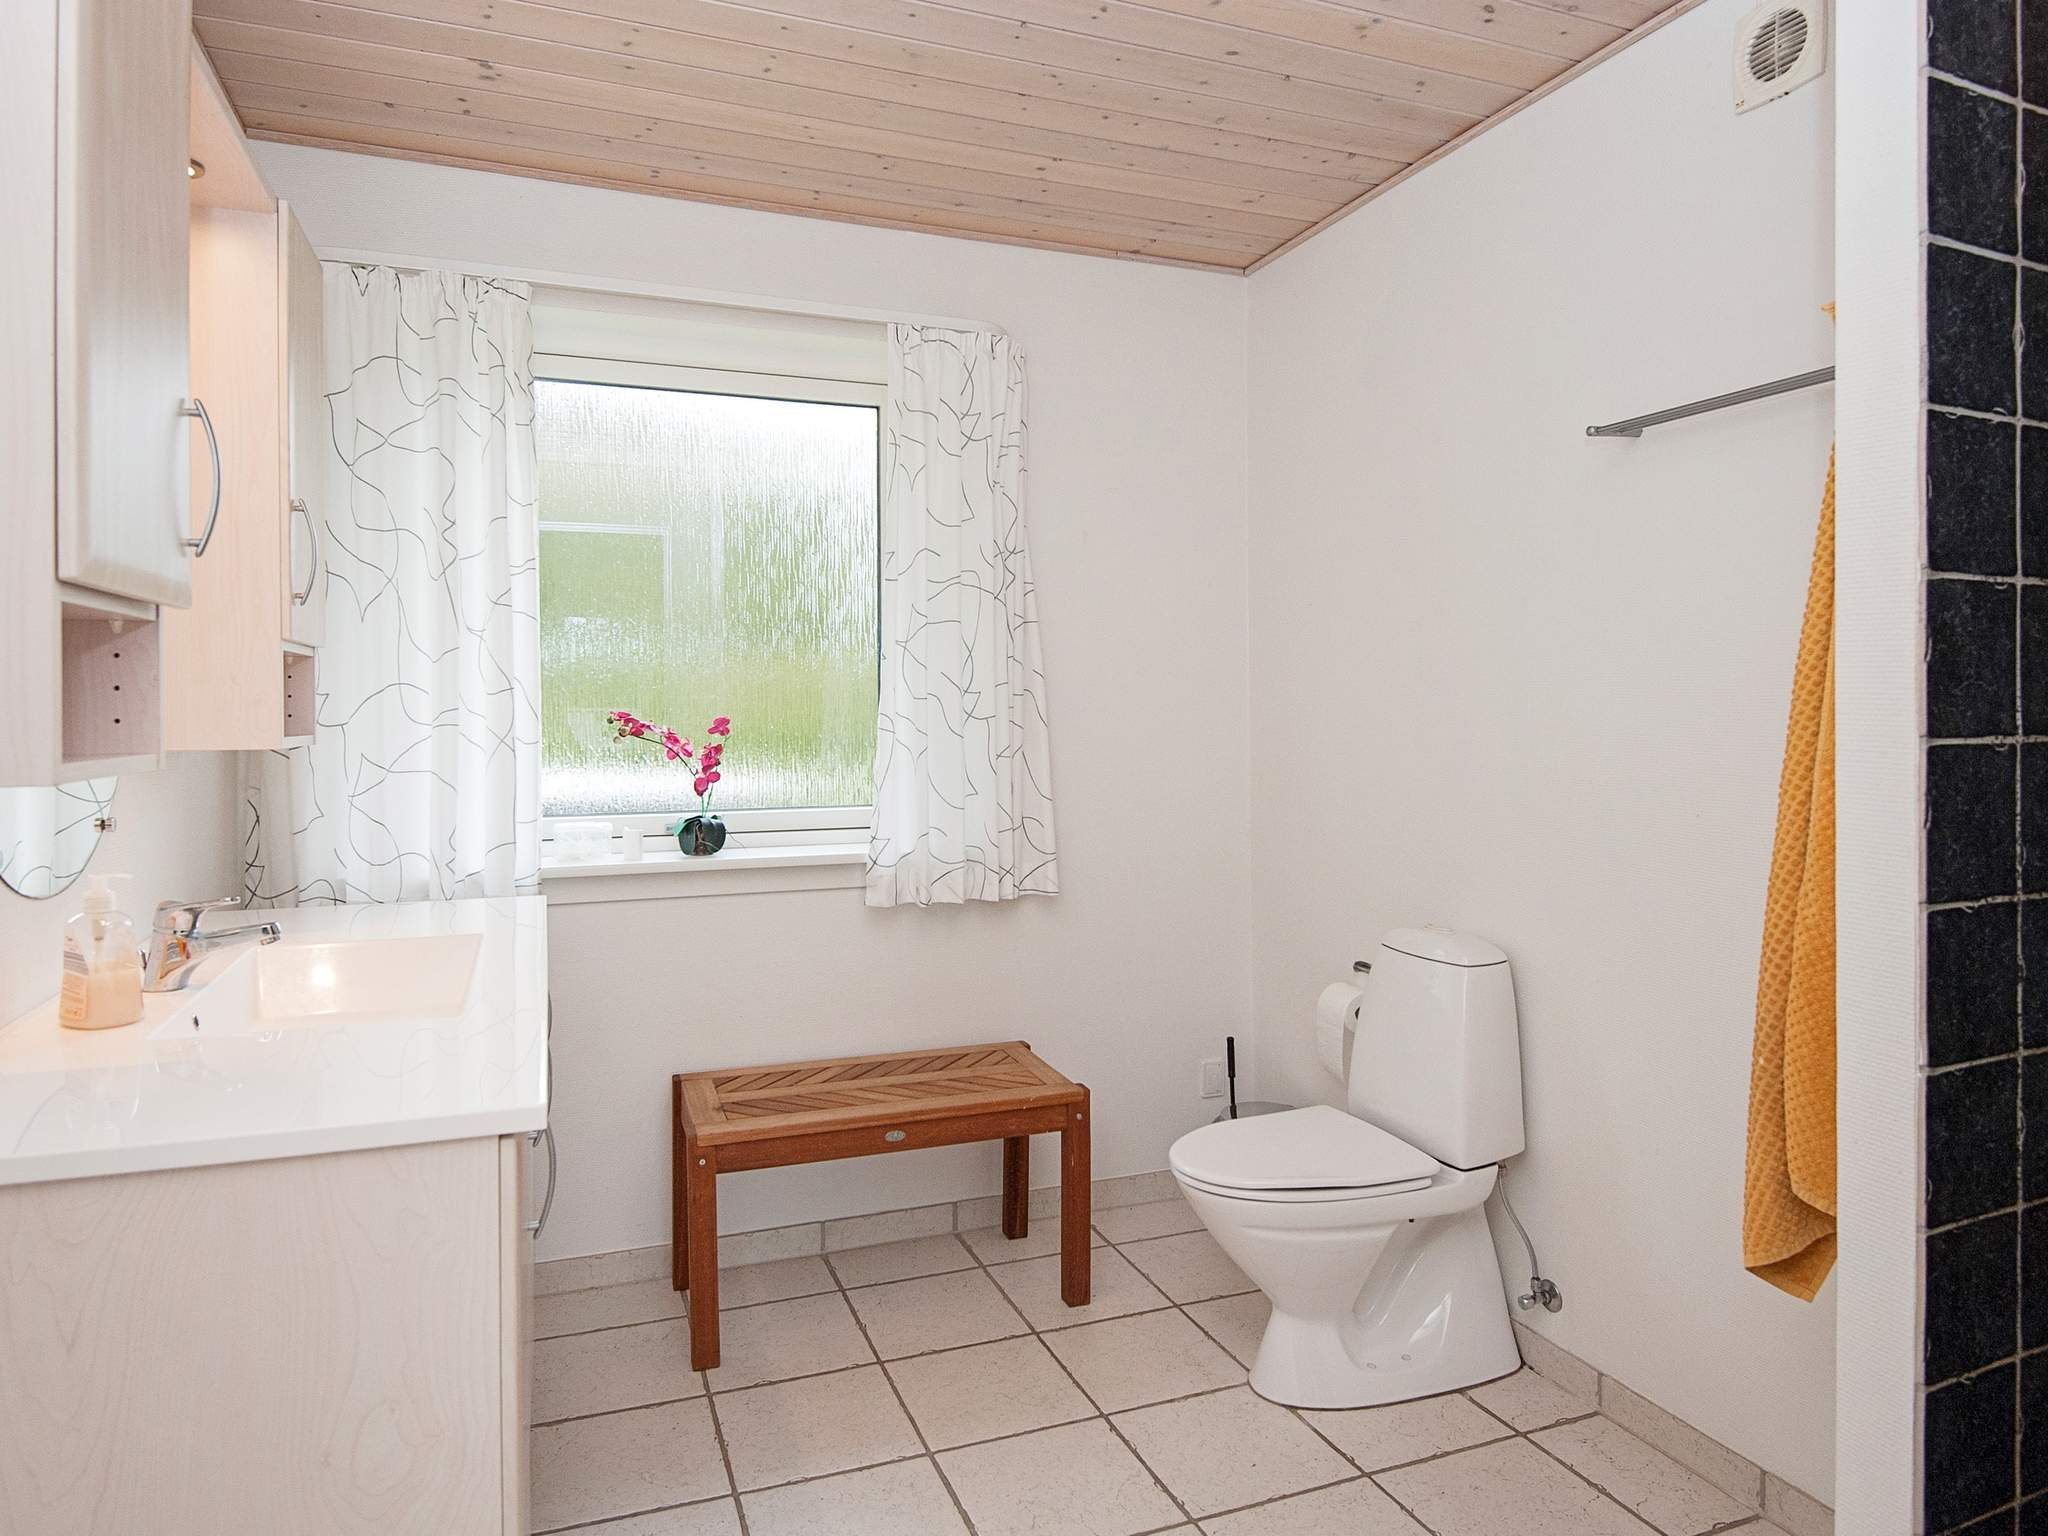 Ferienhaus Guldforhoved (125078), Guldforhoved, , Westjütland, Dänemark, Bild 9